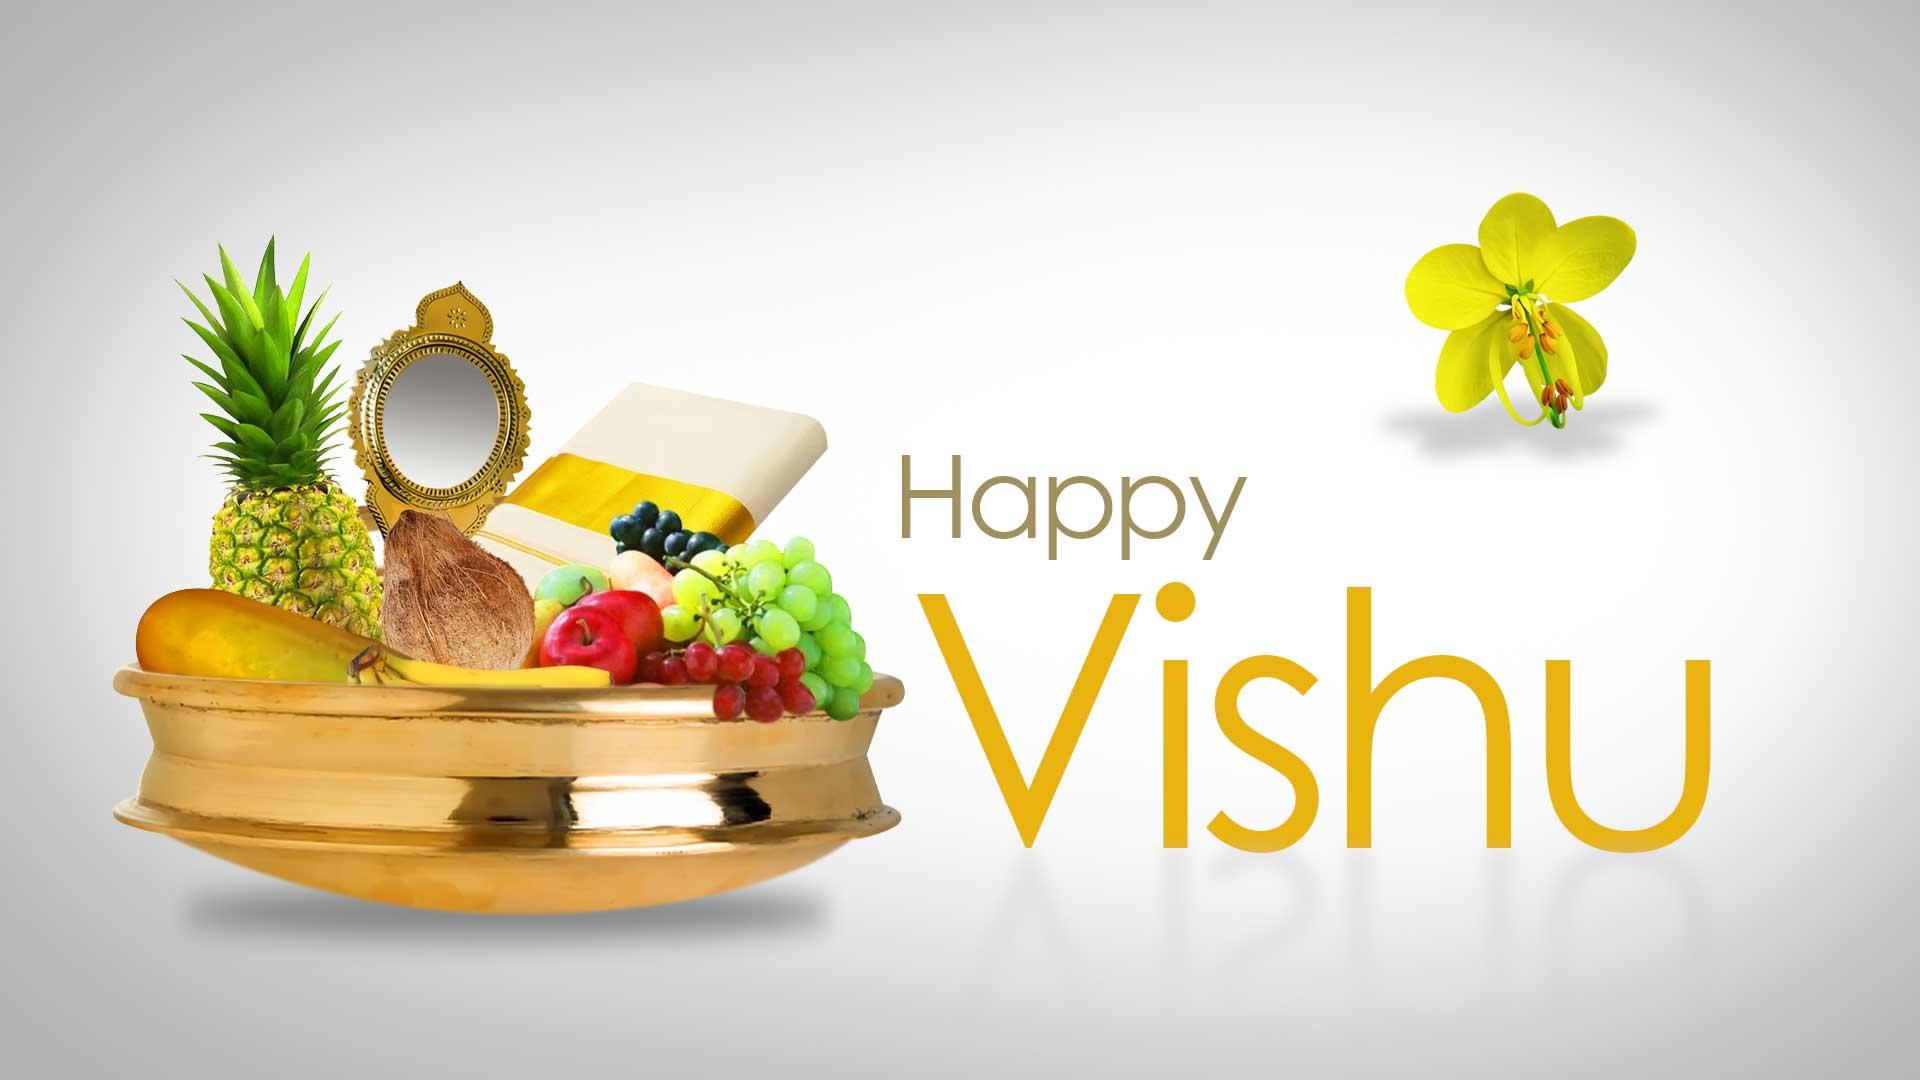 Vishu Greetings Vishu Card Vishu Greetings Card Happy